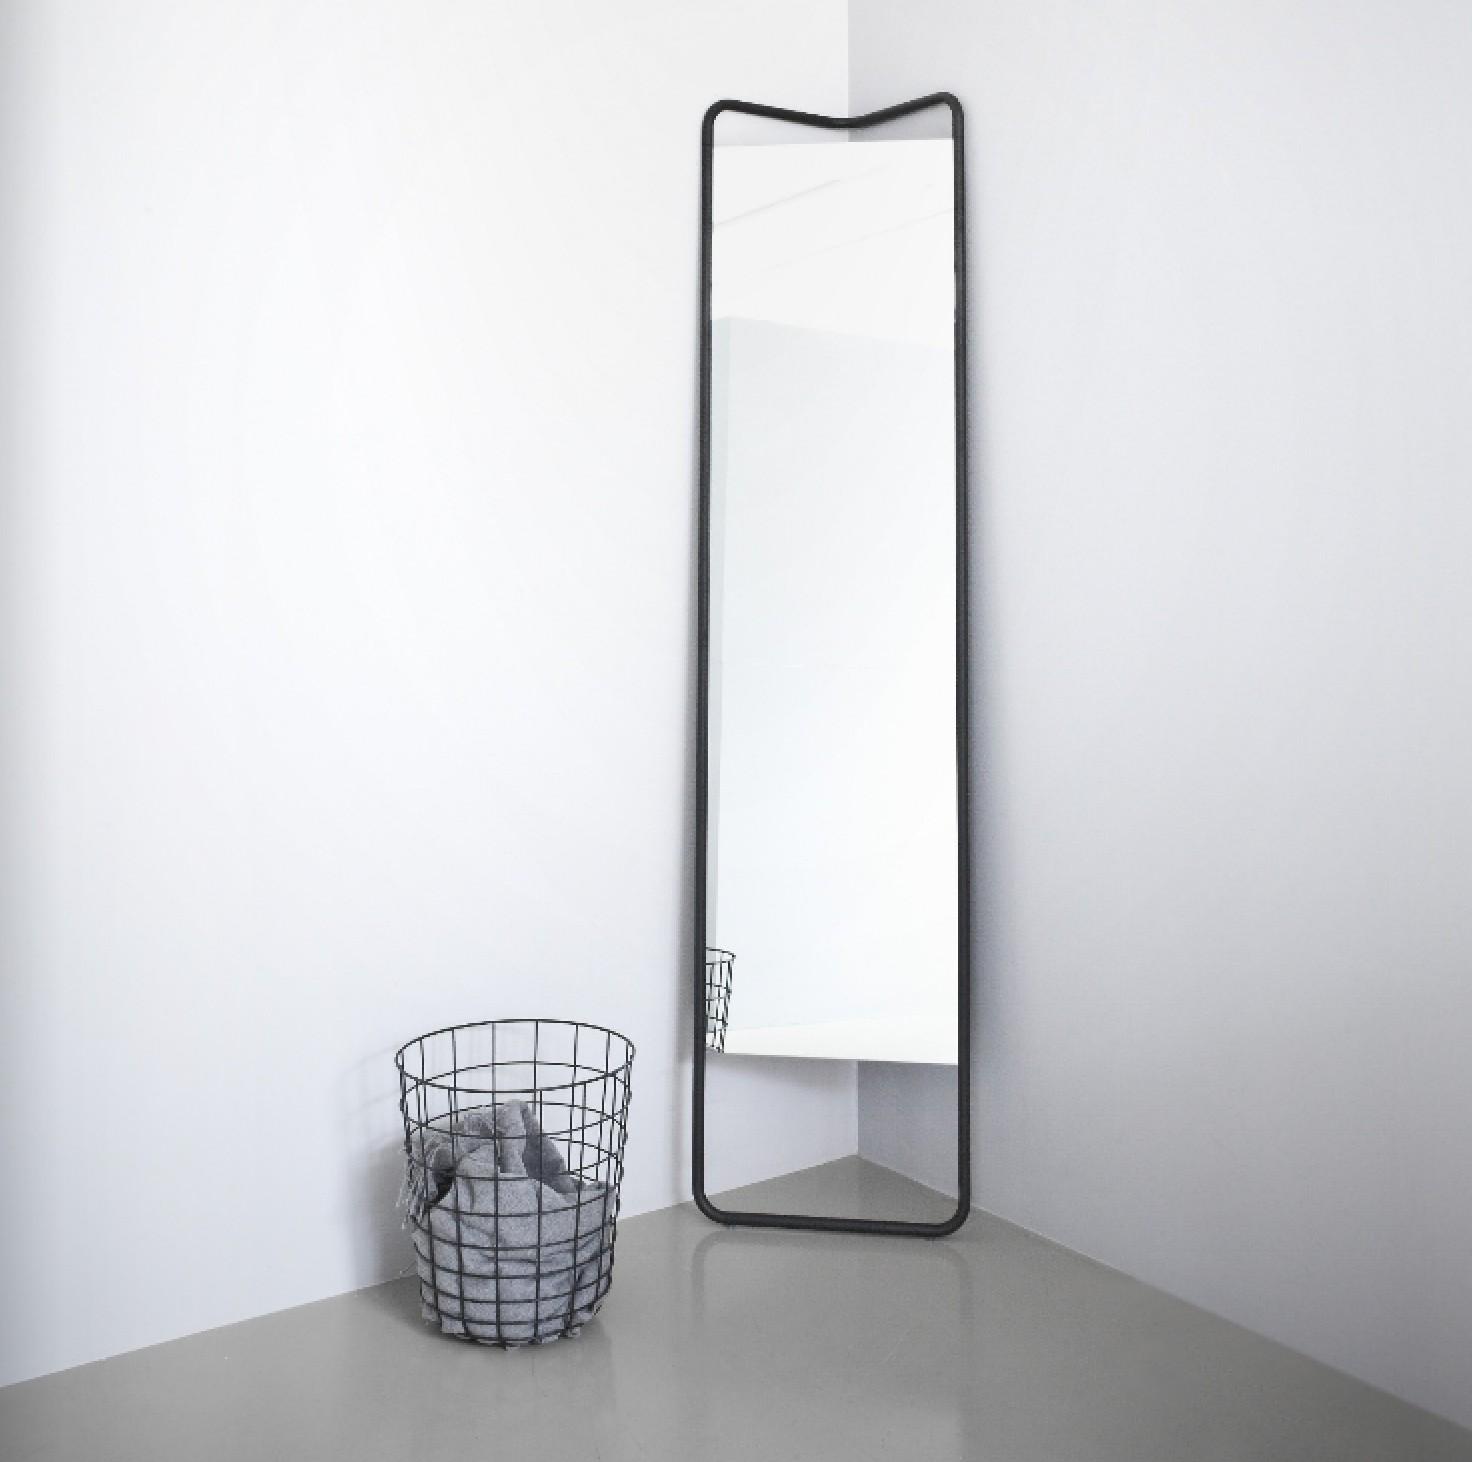 miroir angle blog d co design. Black Bedroom Furniture Sets. Home Design Ideas